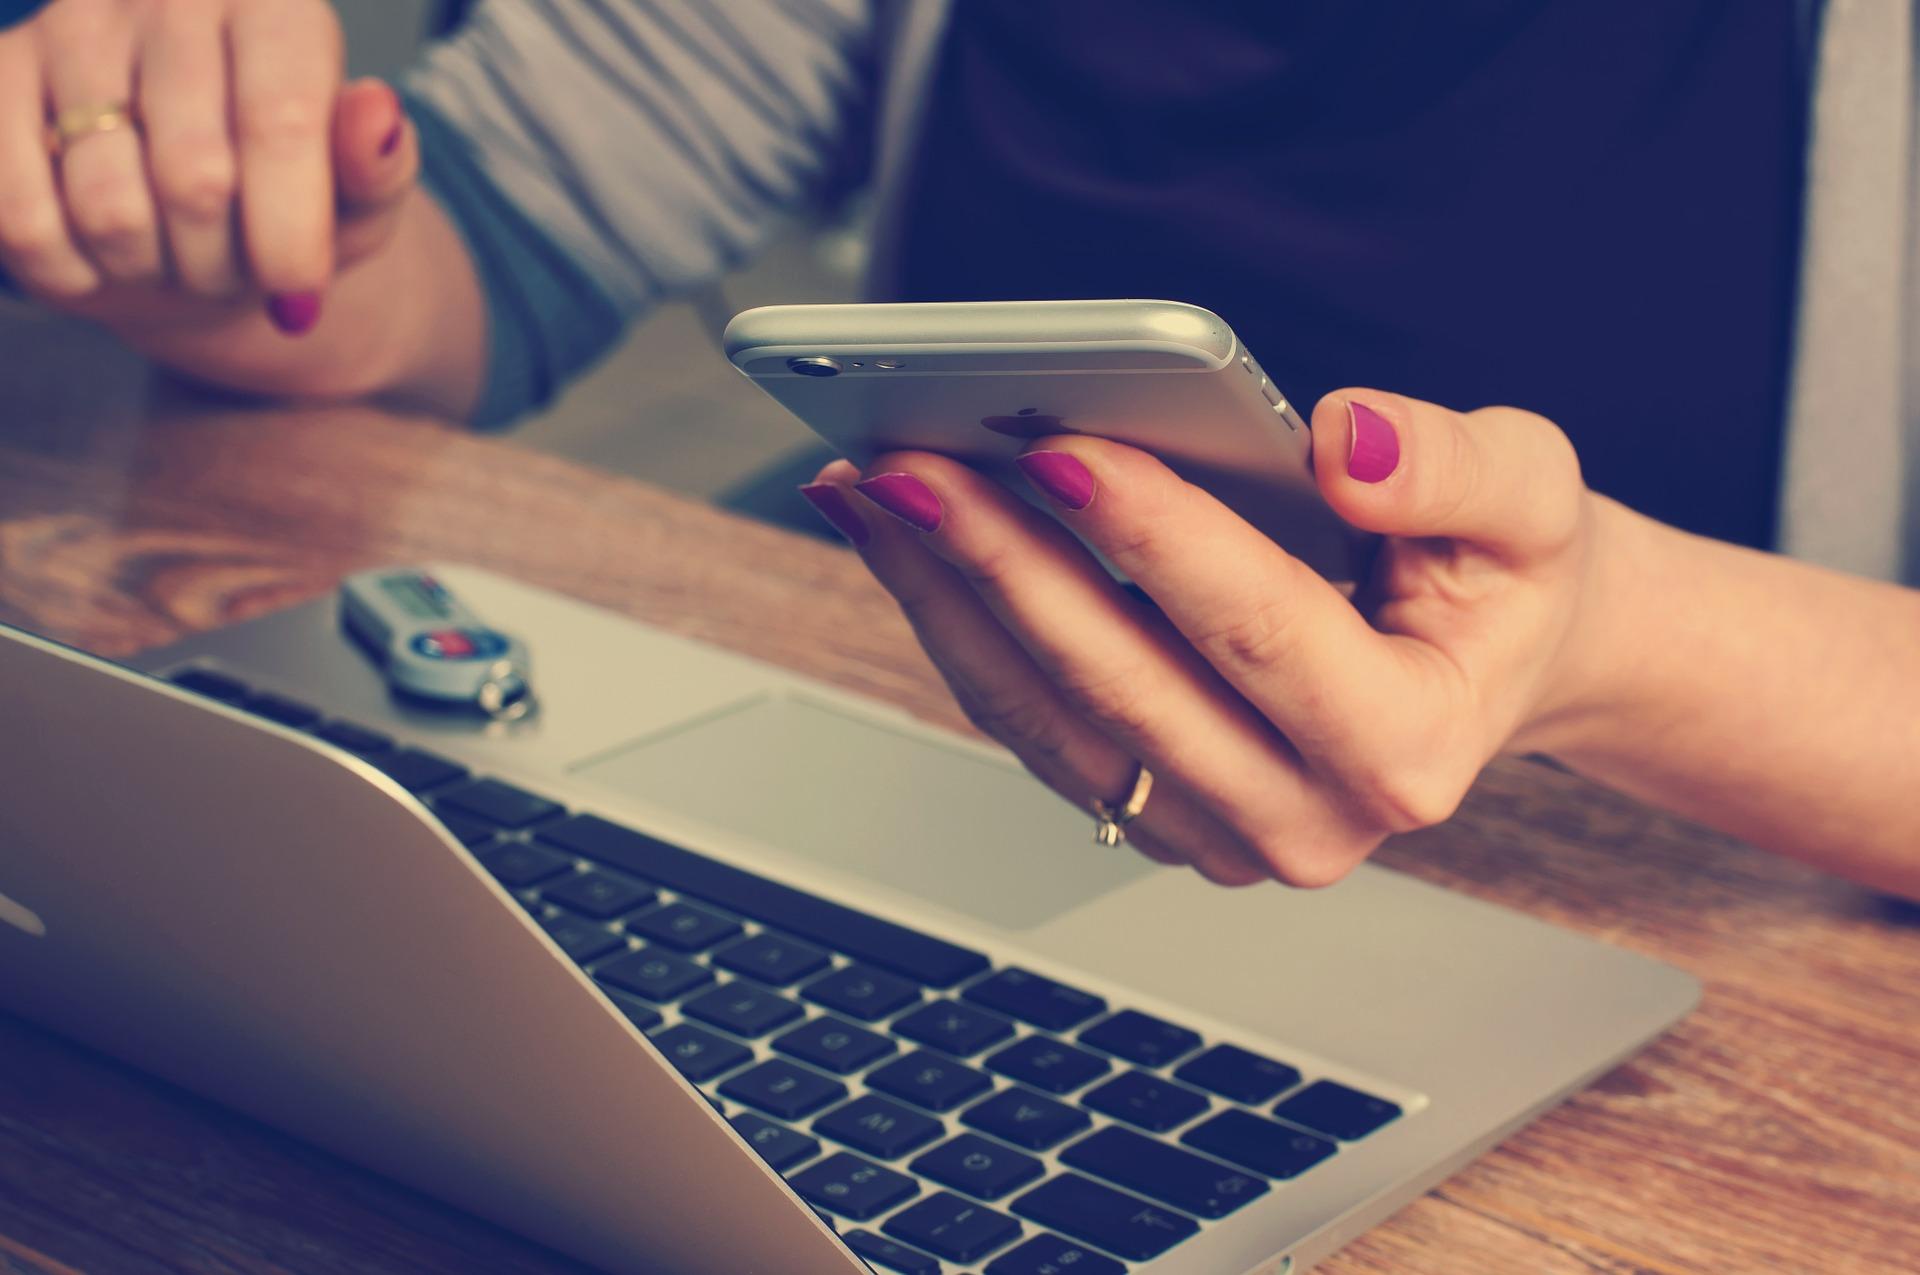 Cybersicherheit: Frauen achten mehr auf ihre persönlichen Daten